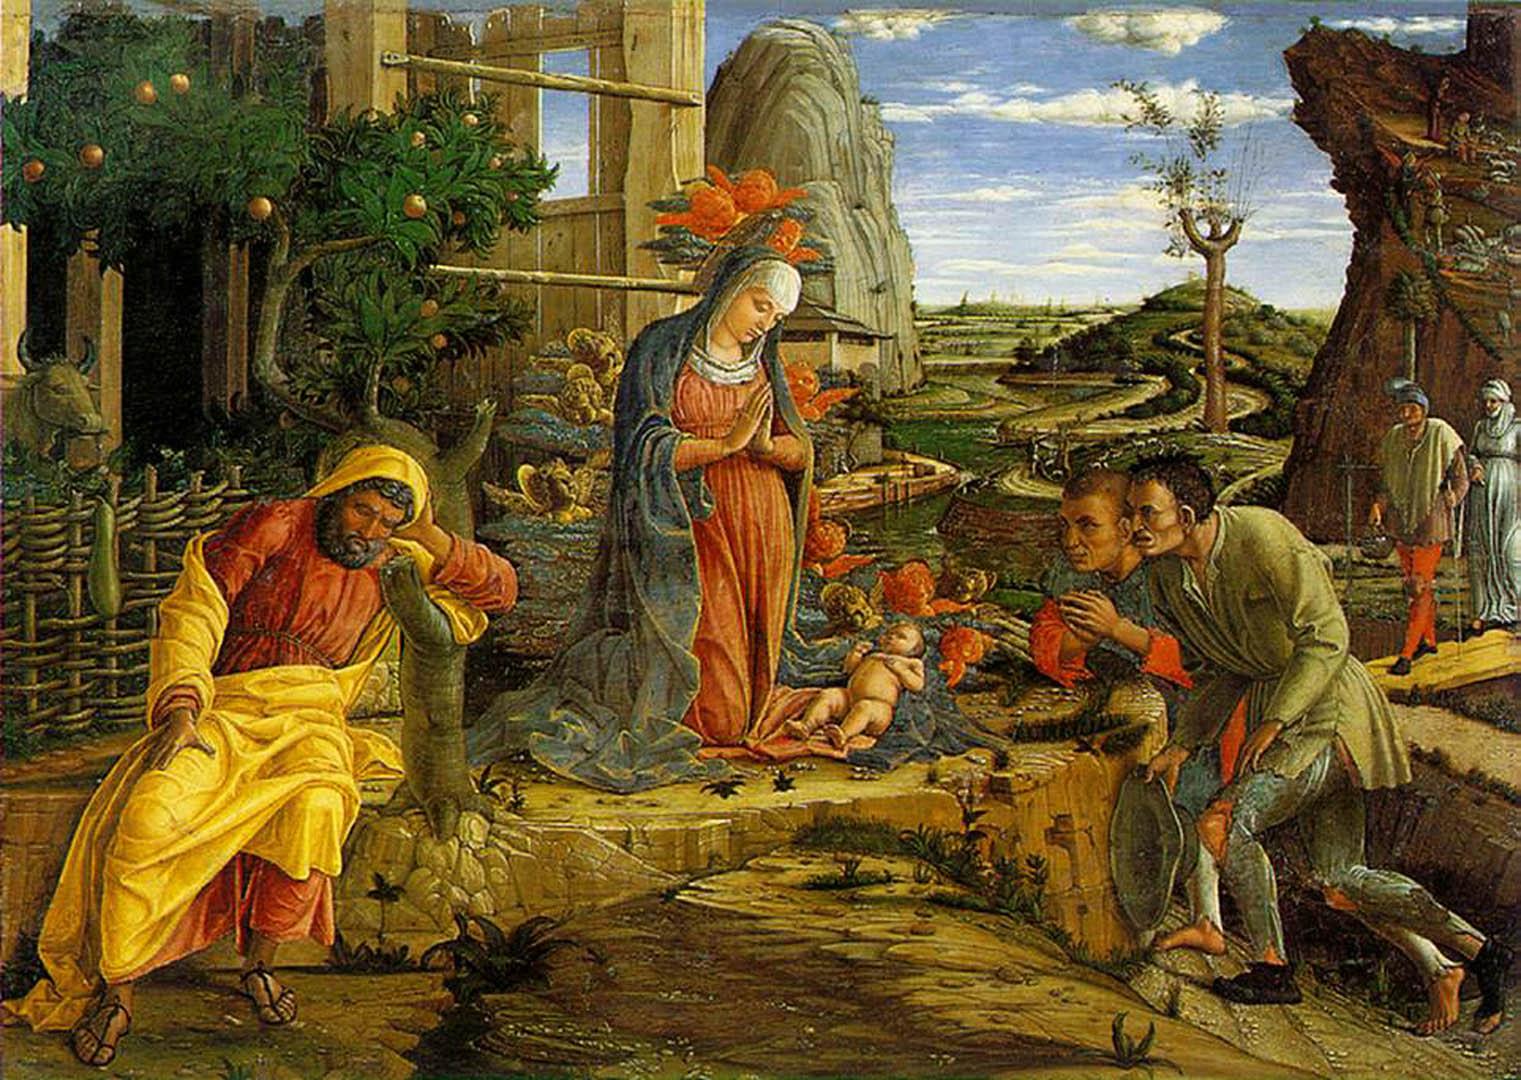 Renaissance Art Wallpaper Art wallpaper picture 1521x1080